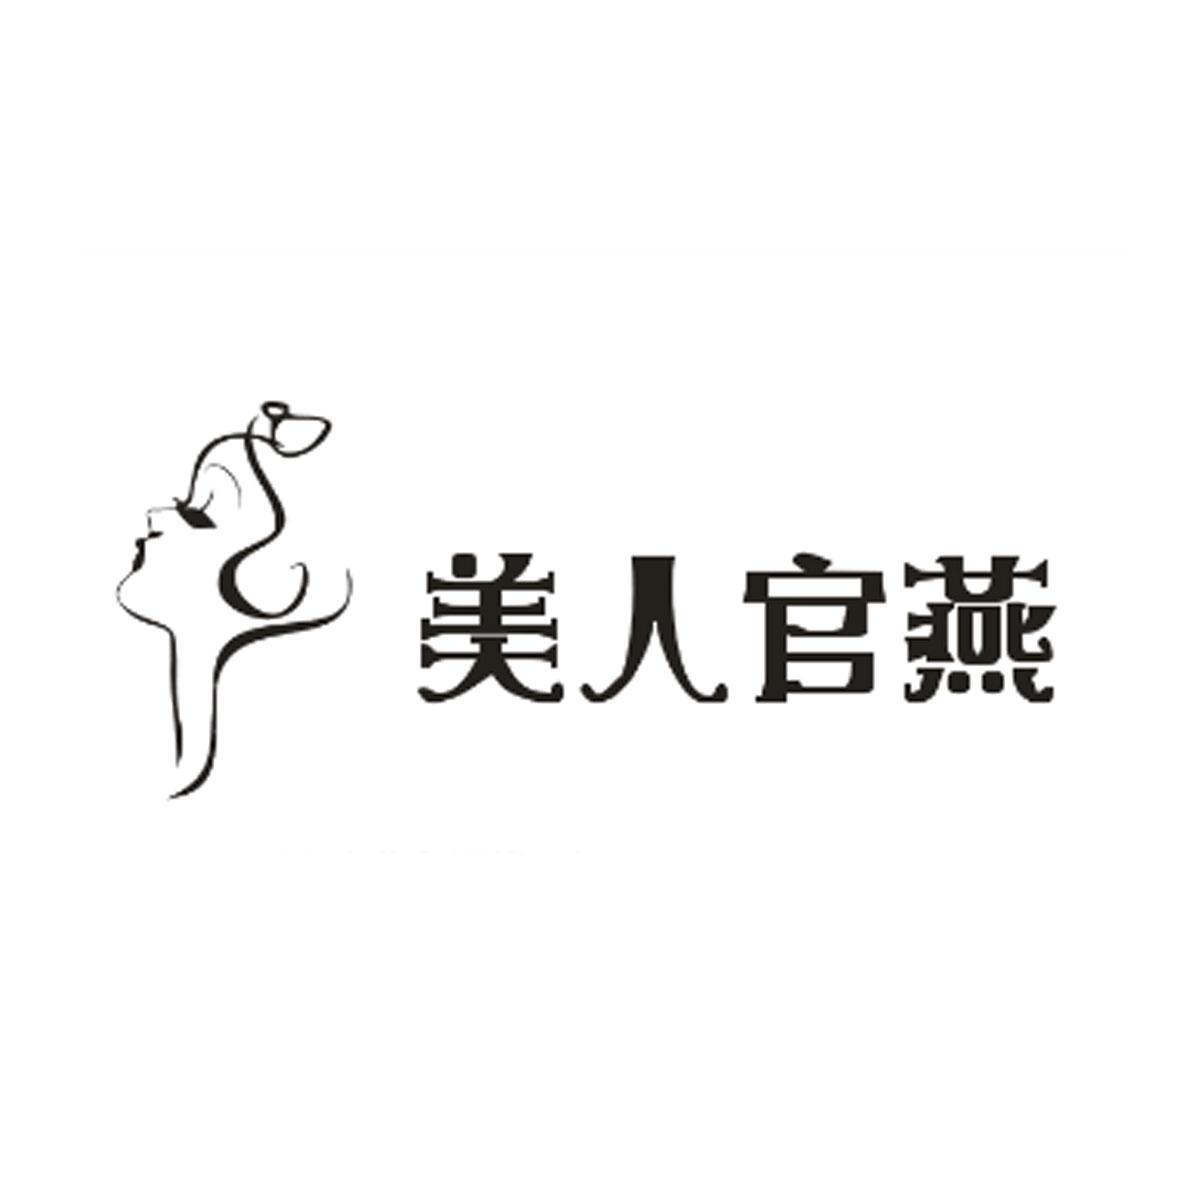 转让商标-美人官燕